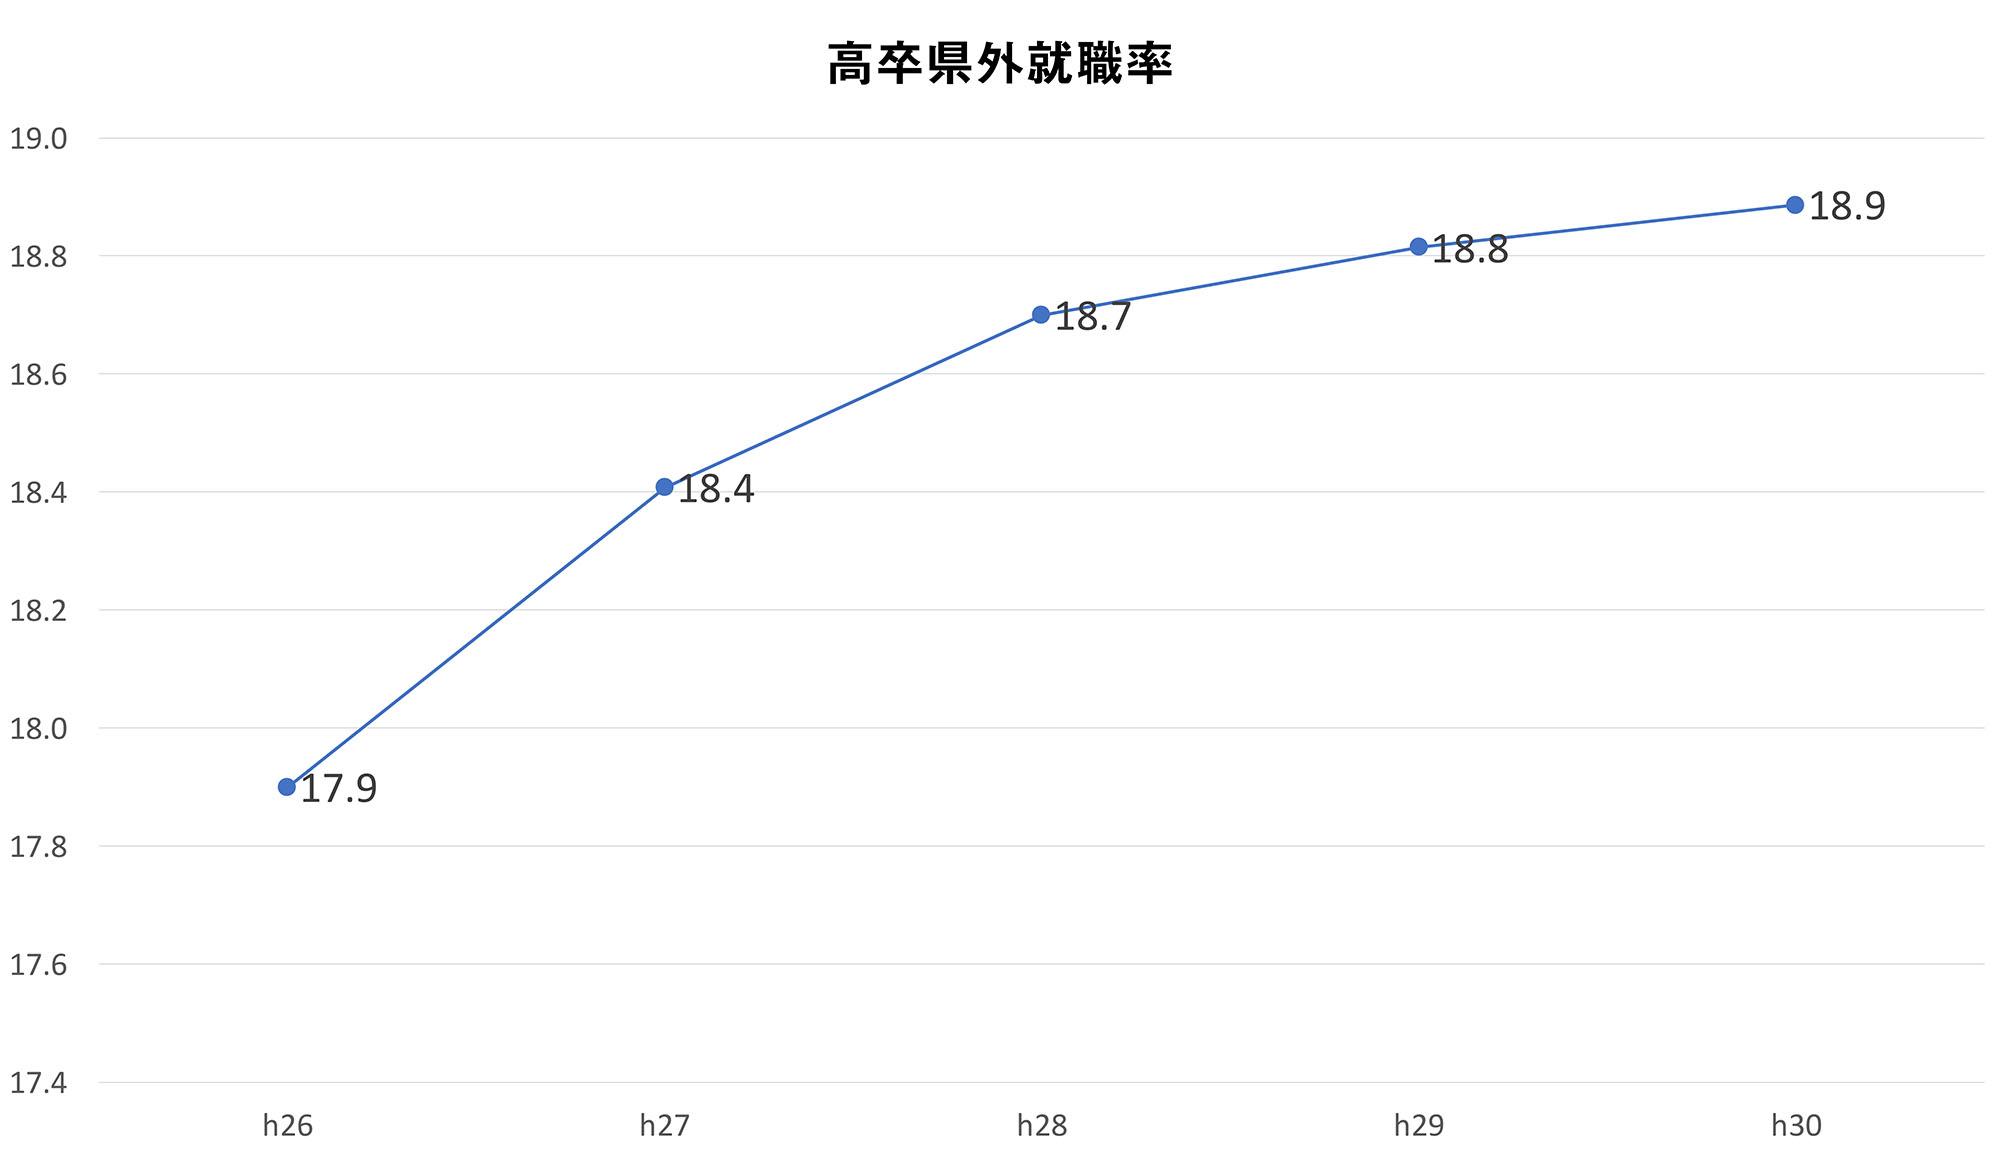 高卒県外就職率